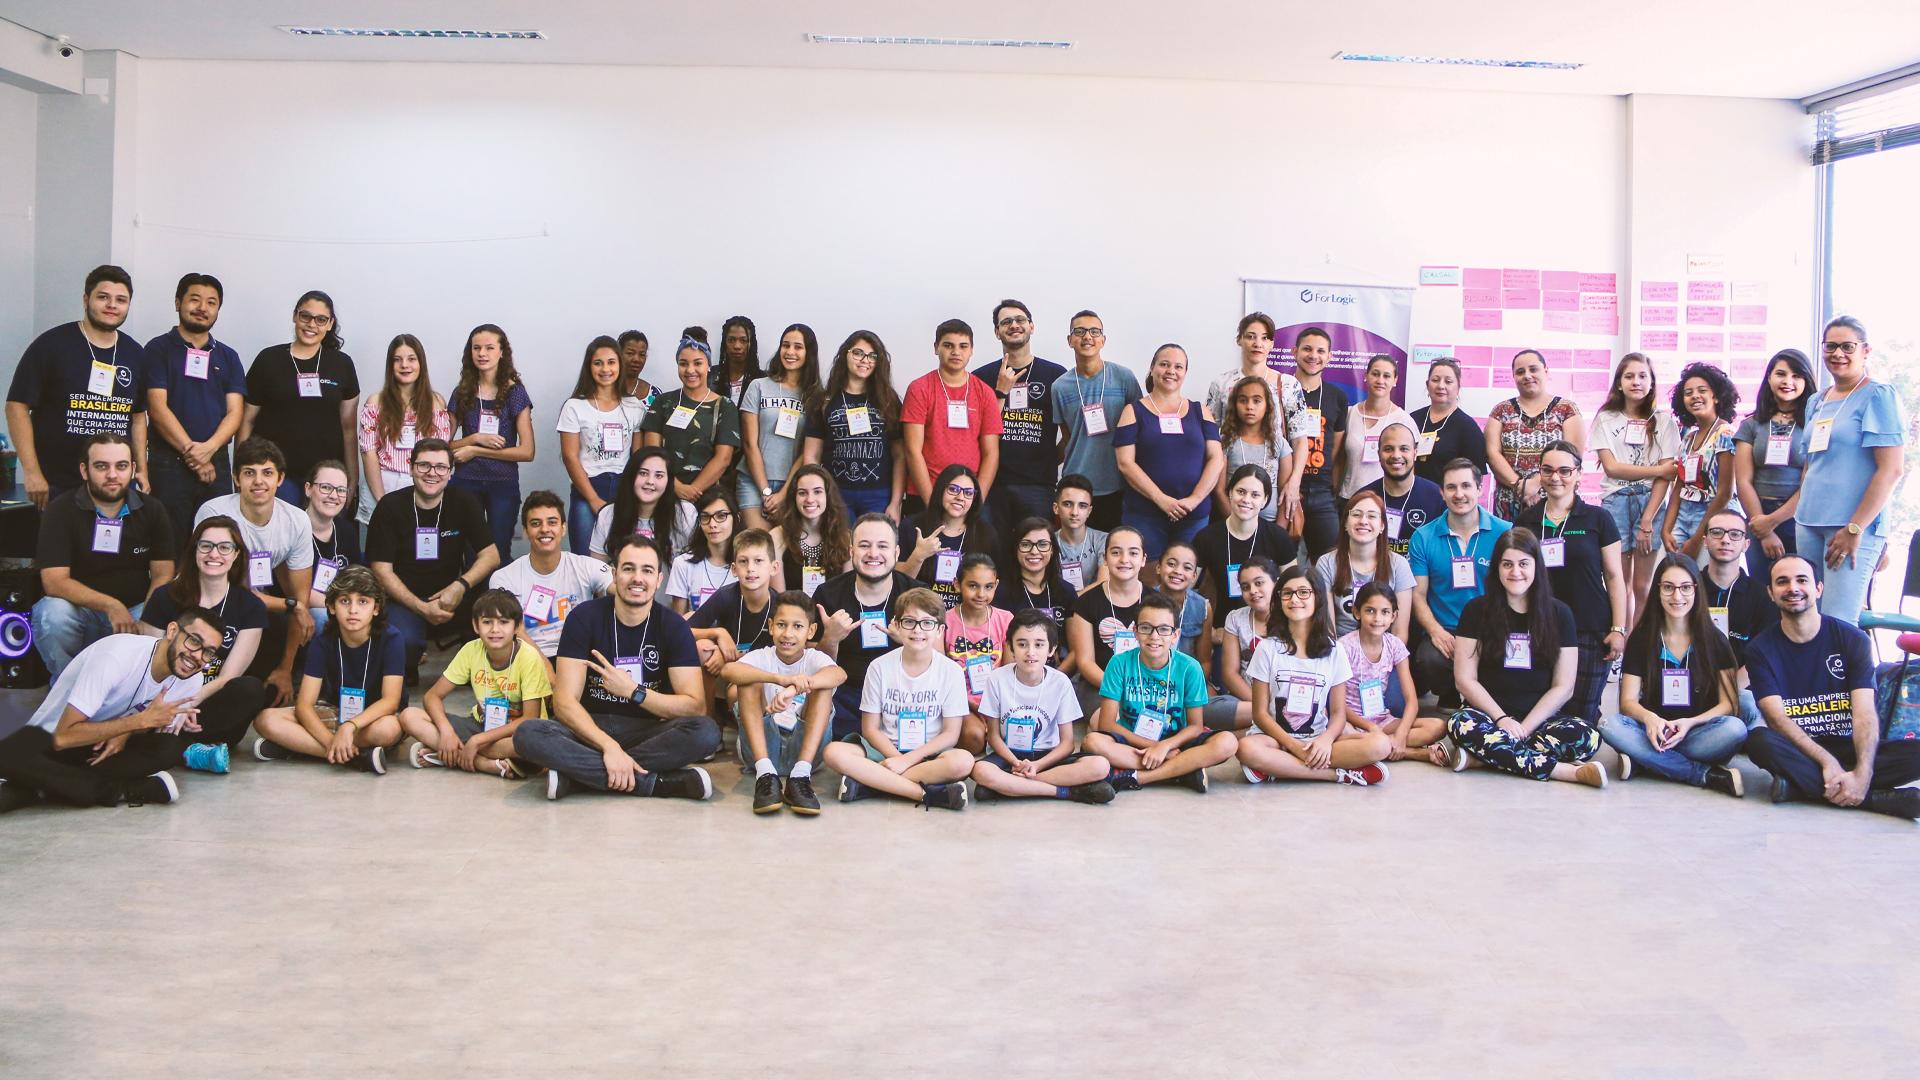 """Sobre como engajar equipes: imagem dos alunos destaque junto com o nosso time que organizou o dia pensando em """"Contribuir com uma experiência que gere o significado de que o esforço vale a pena""""."""